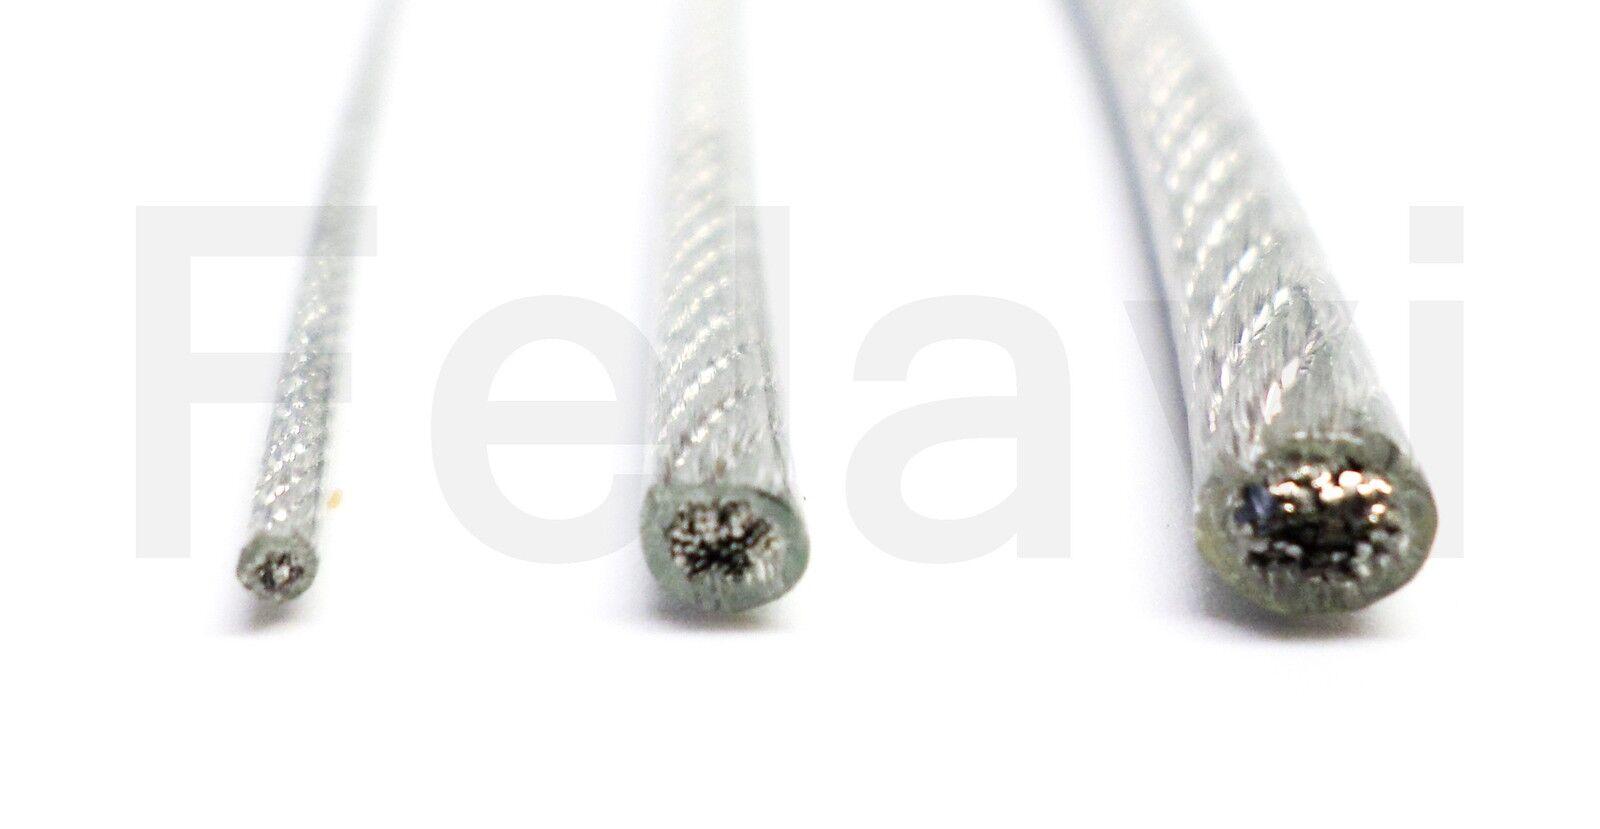 Câble de traction Acier inox PVC Couvert Couvert Couvert (€2,32/m-€0,23/M) 1-2-3 mm Corde F22) 61aeb6